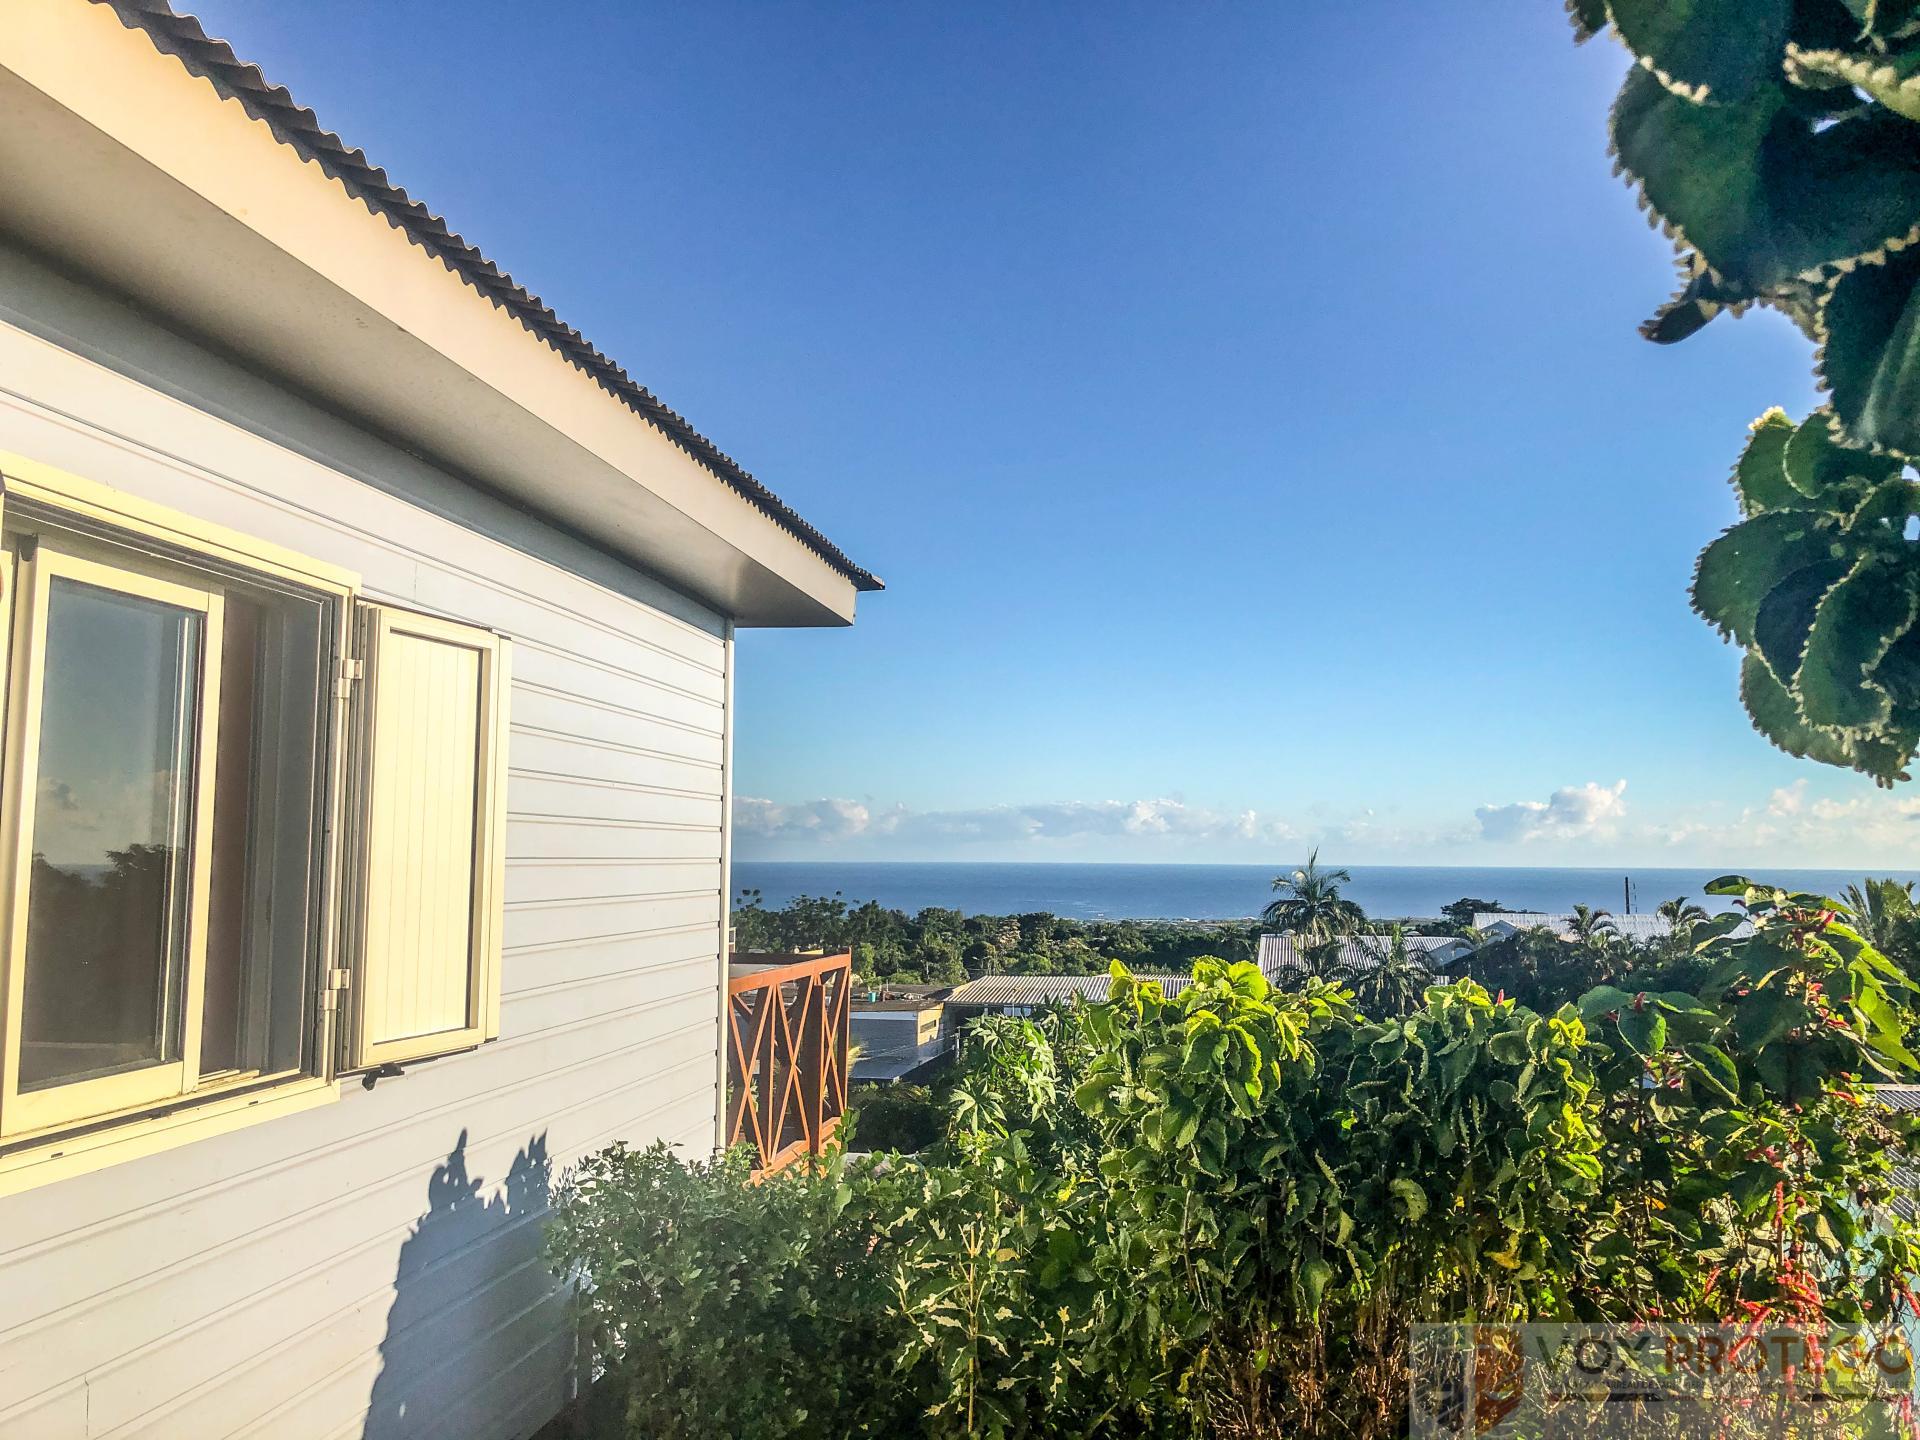 Maison type studio au centre de la Ravine des Cabris (ST PIERRE, Réunion)